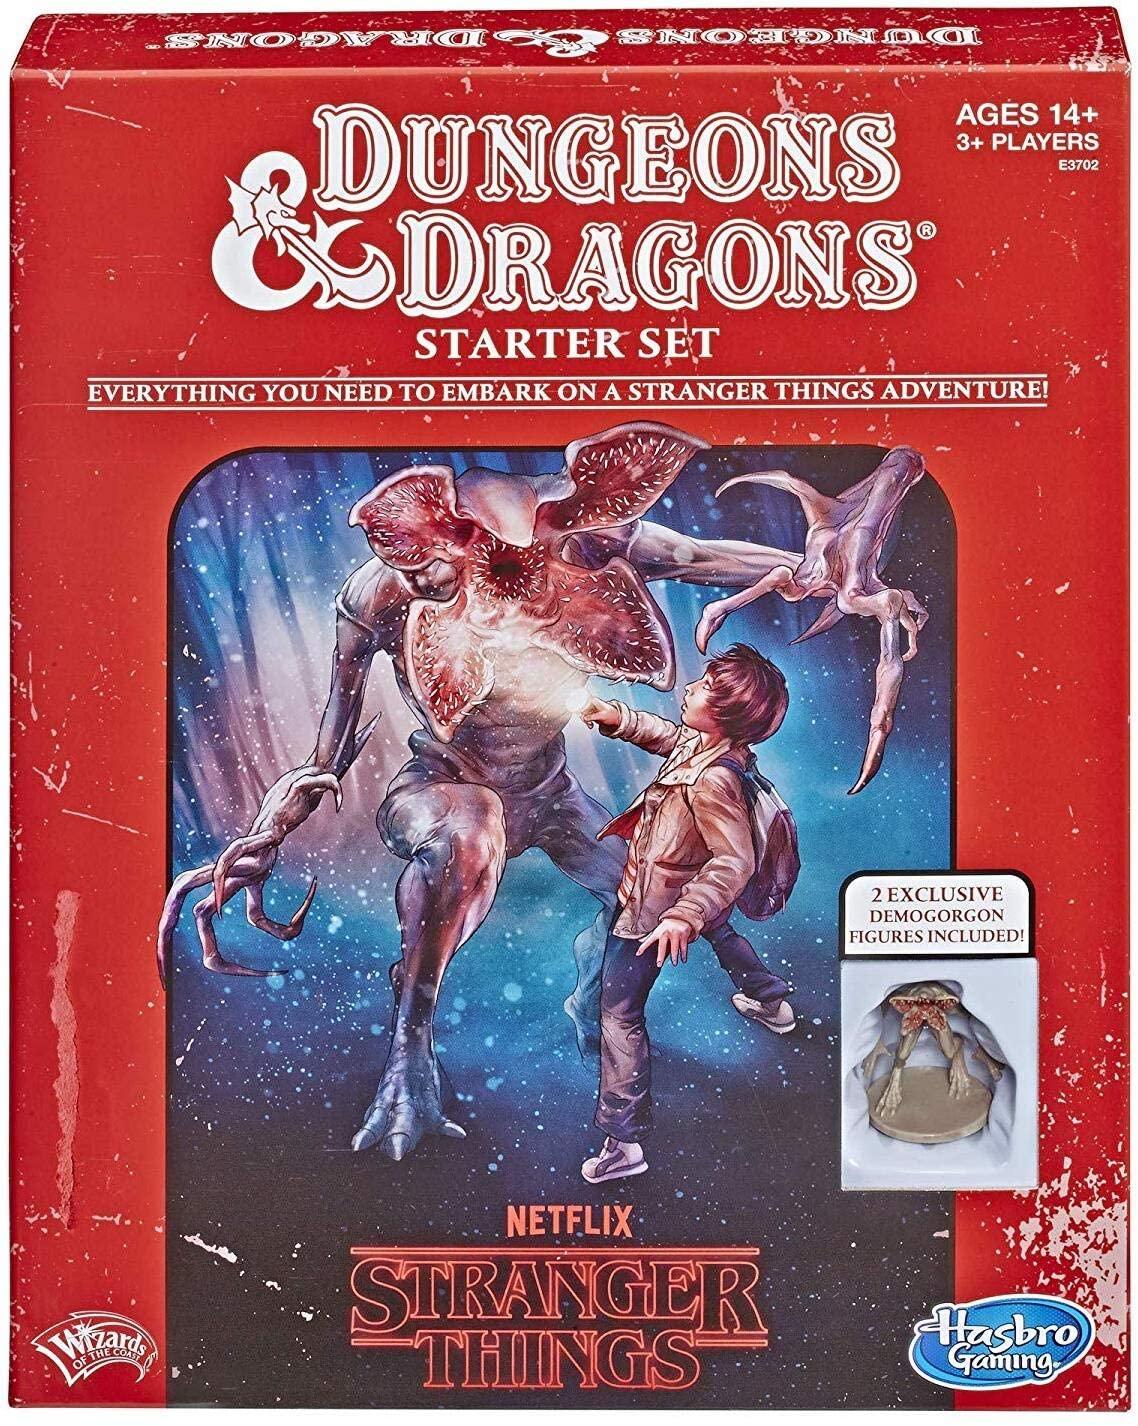 Stranger Things Dungeons & Dragons set